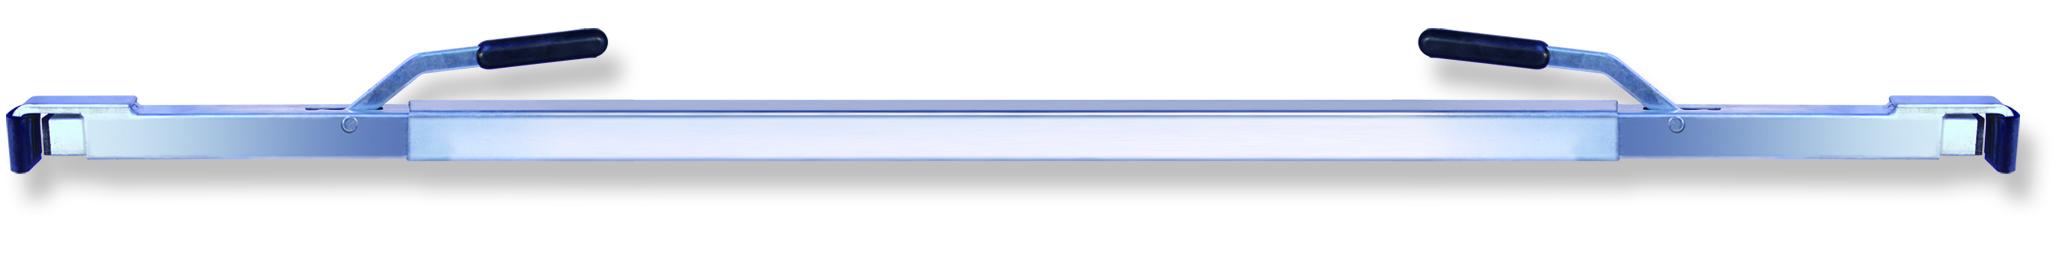 GWS®-Zwischenwandverschluss aus Stahl